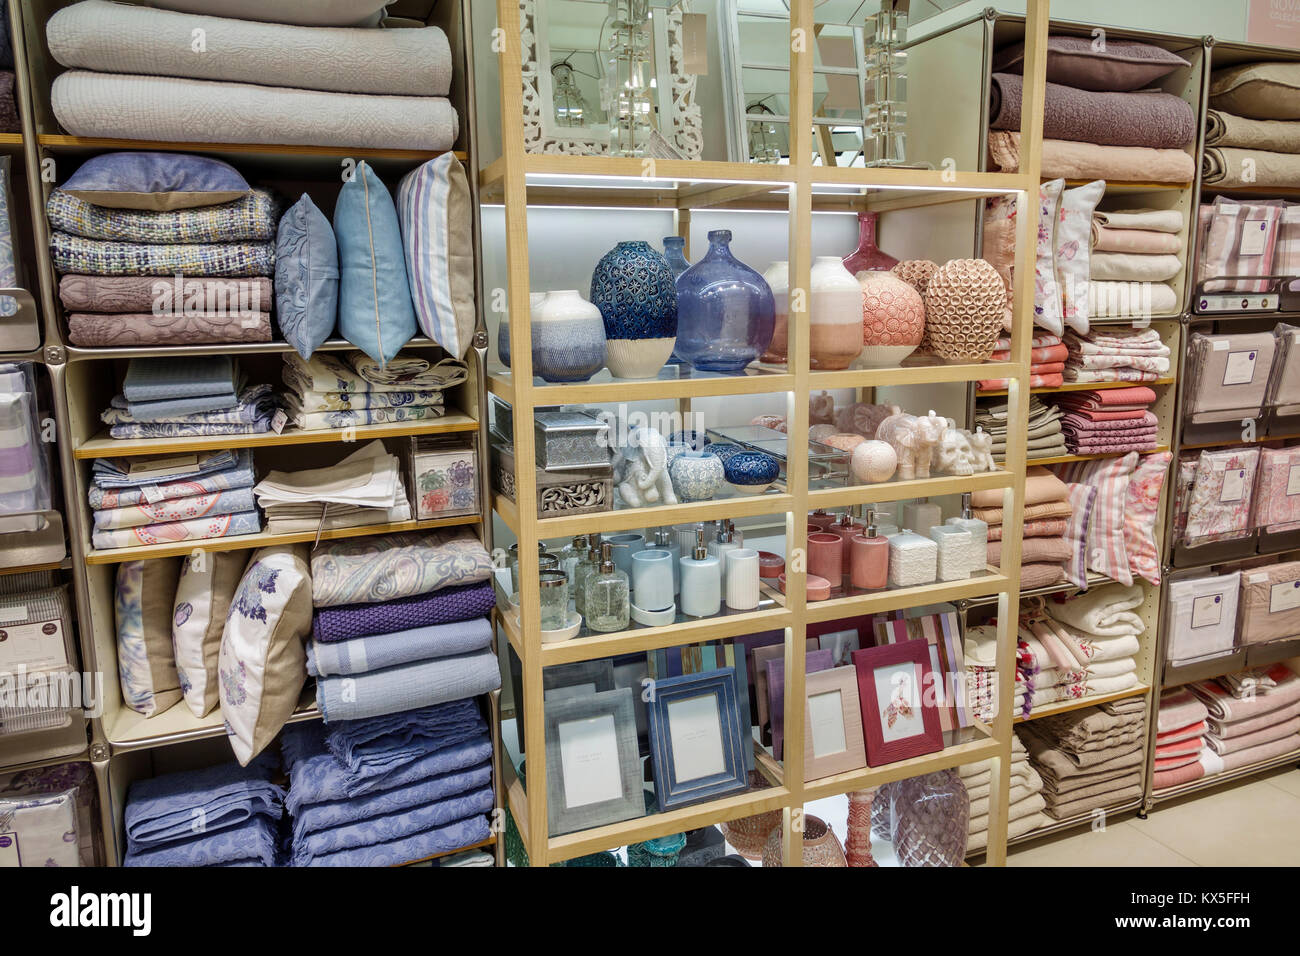 Cuscini Zara.Porto Portogallo Rotunda Da Boavista Di Zara Home Department Store